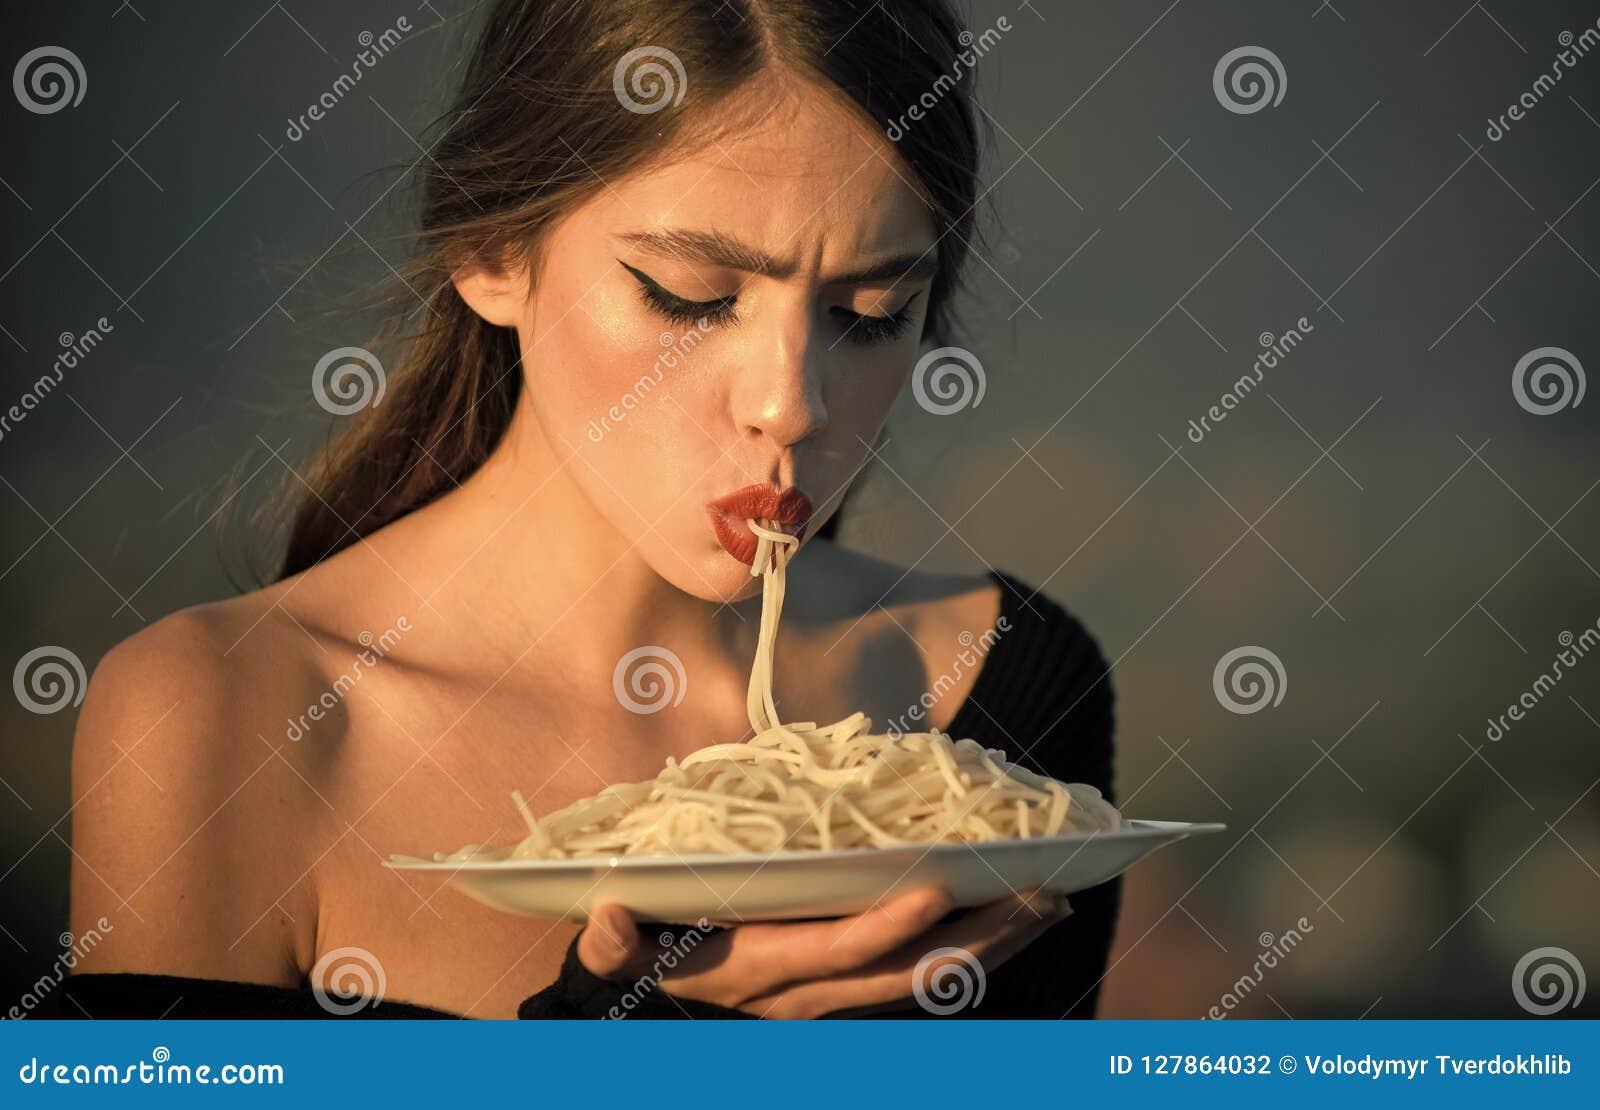 Dieet en gezonde natuurvoeding, Italië De chef-kokvrouw met rode lippen eet deegwaren Honger, eetlust, recept Vrouw die Deegwaren